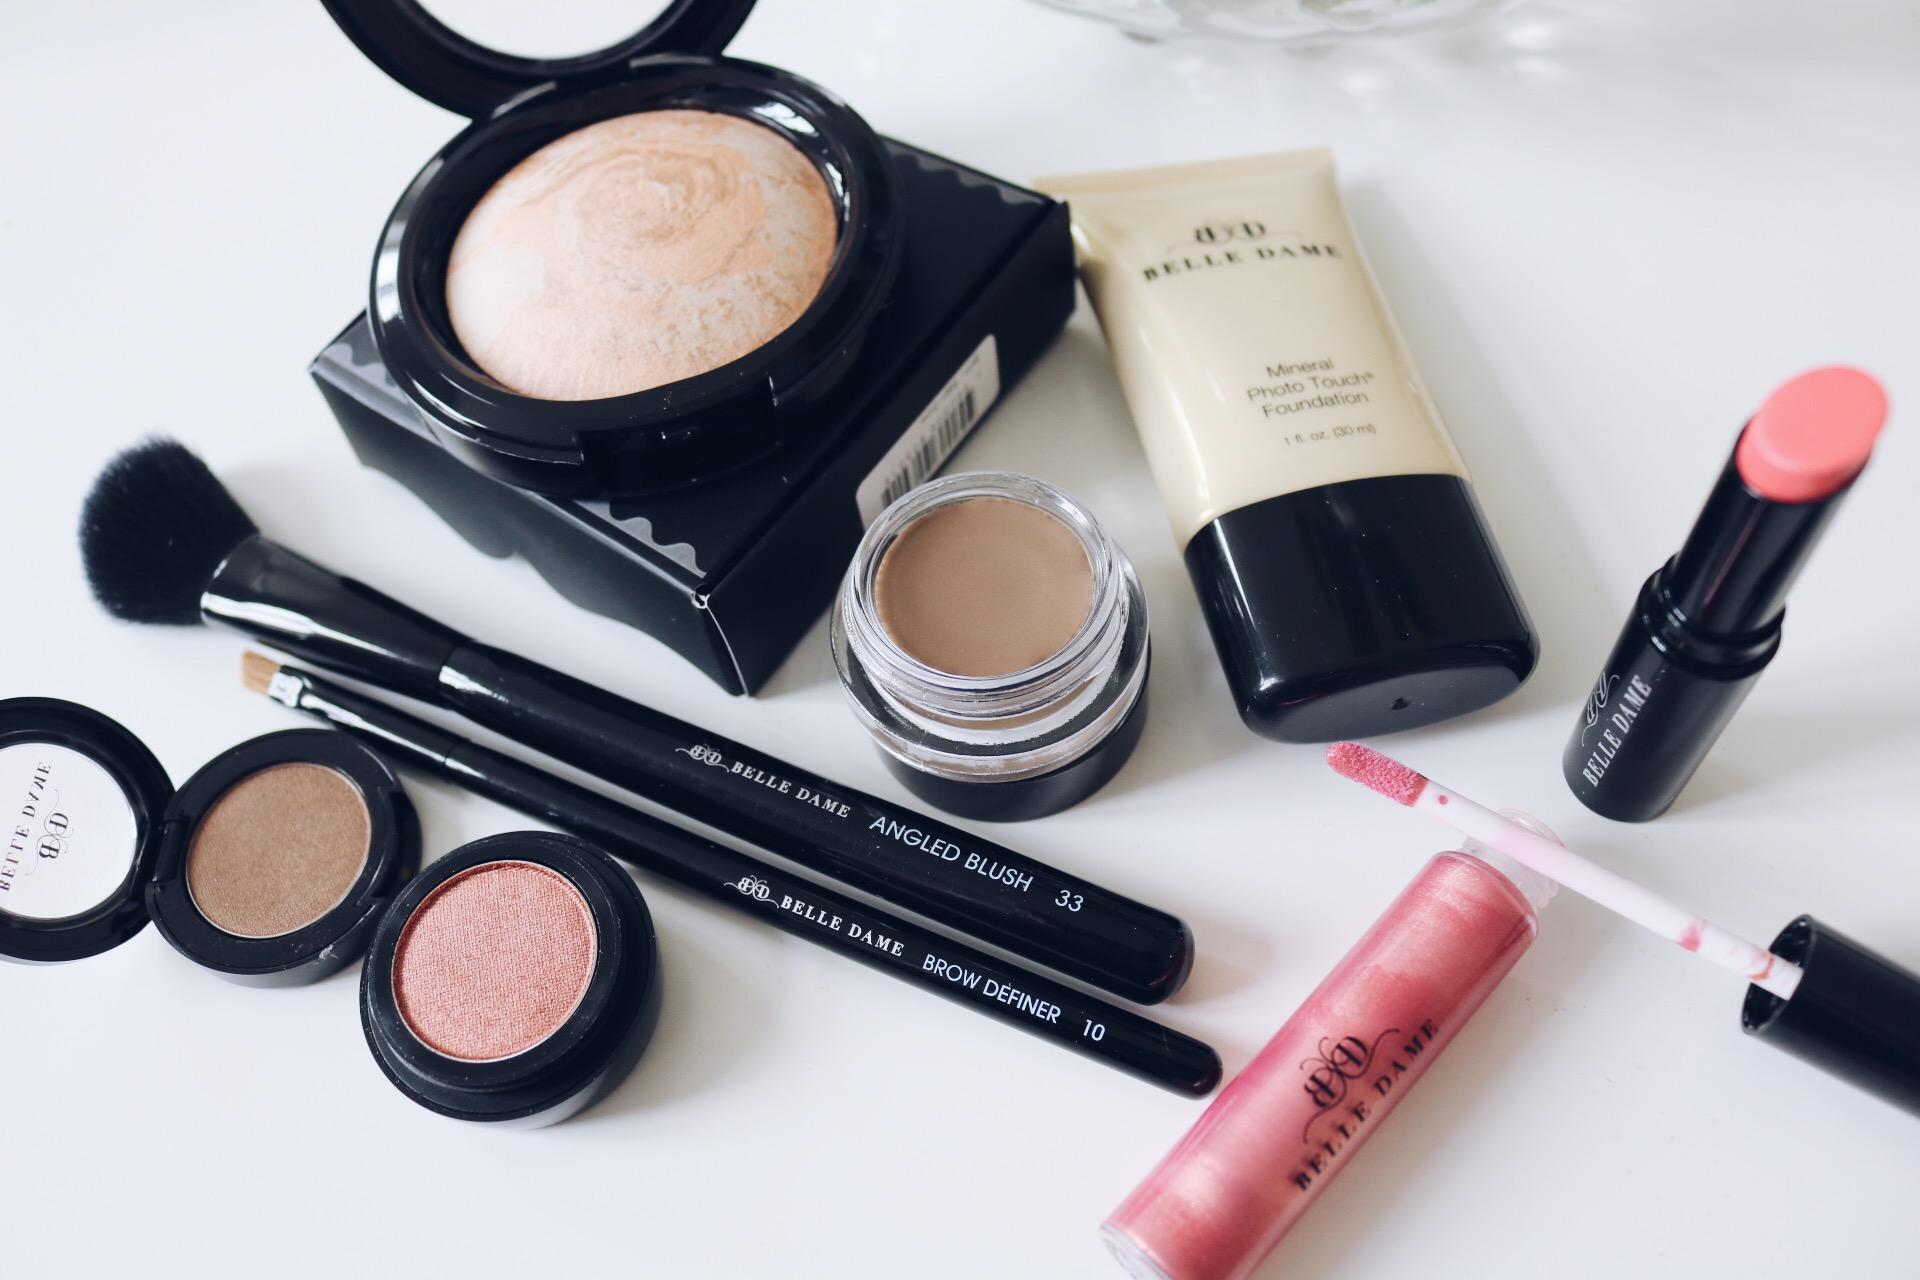 Belle Dame DIY makeup smink koncept hjälp med smink stockholm butik webbshop amandahans skönhetsblogg pressutskick